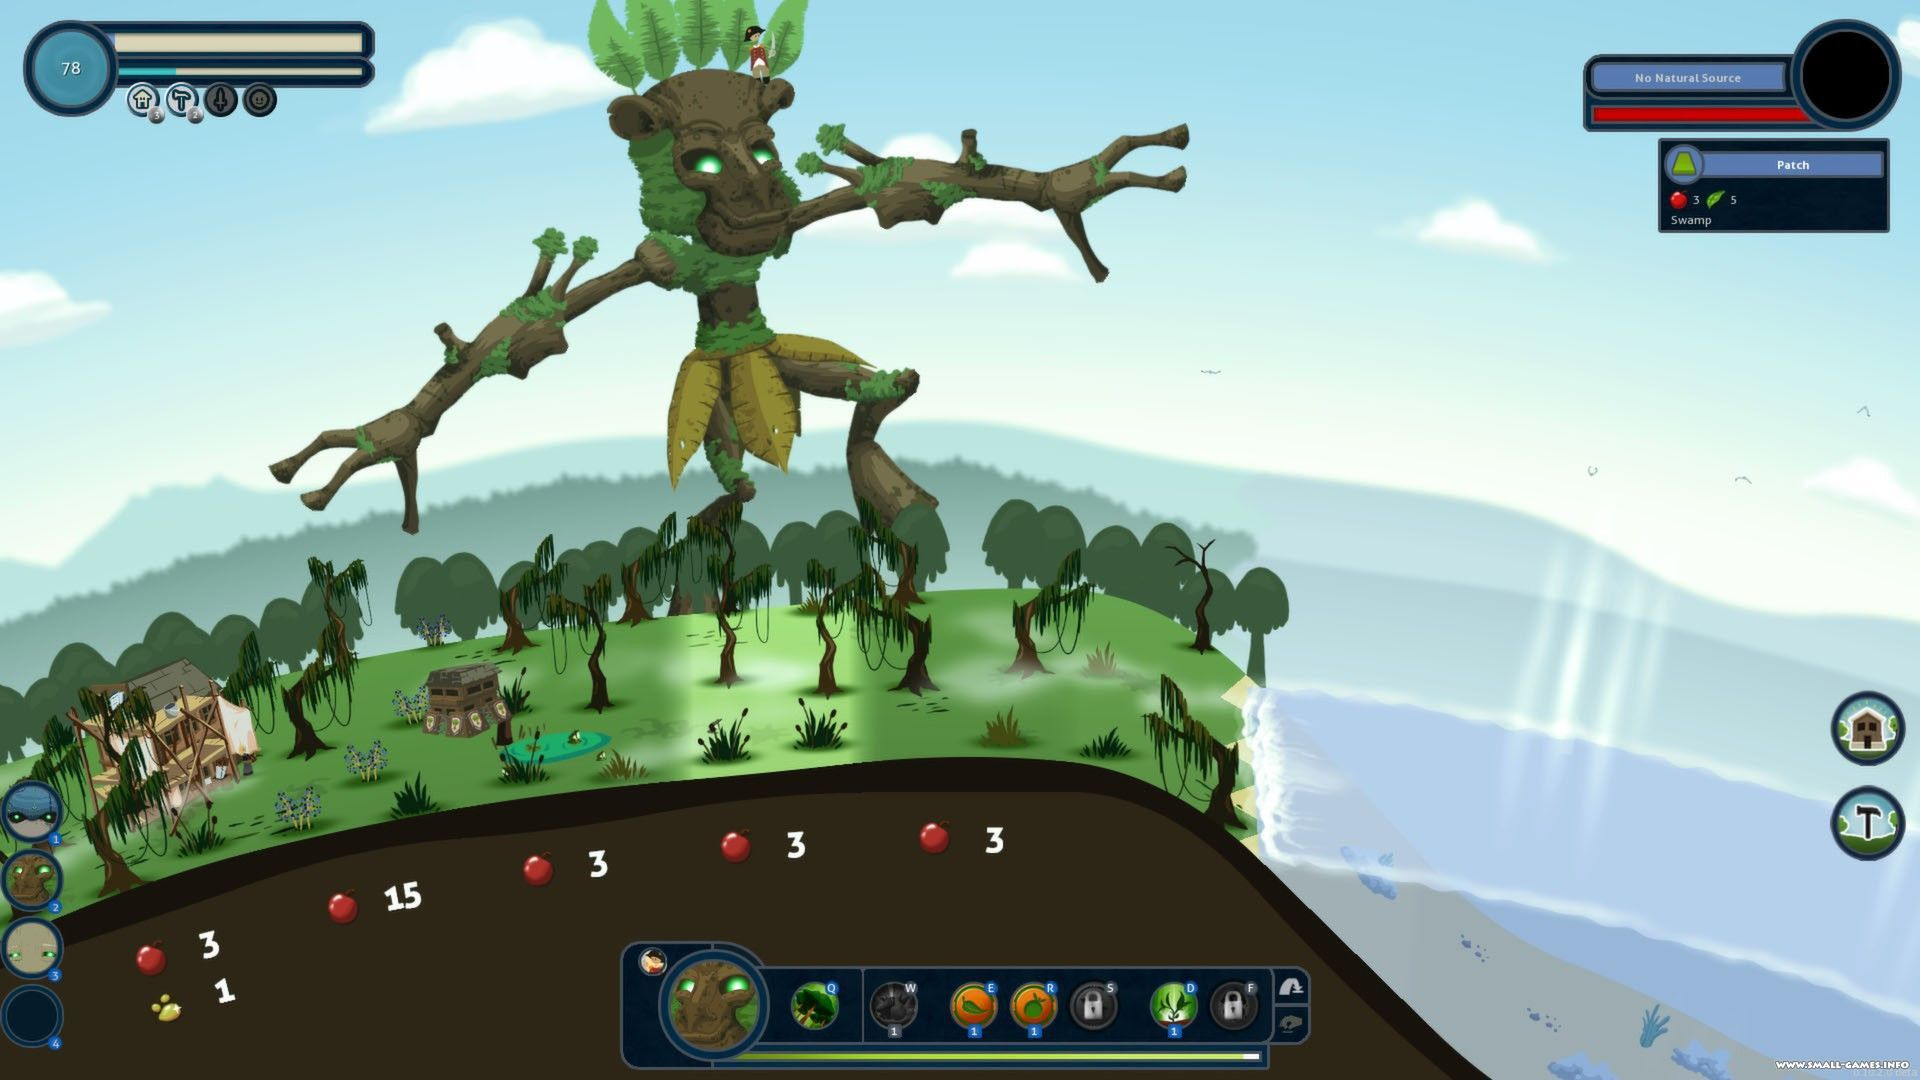 Игры про симулятор бога скачать | bendvendlon | Indie games